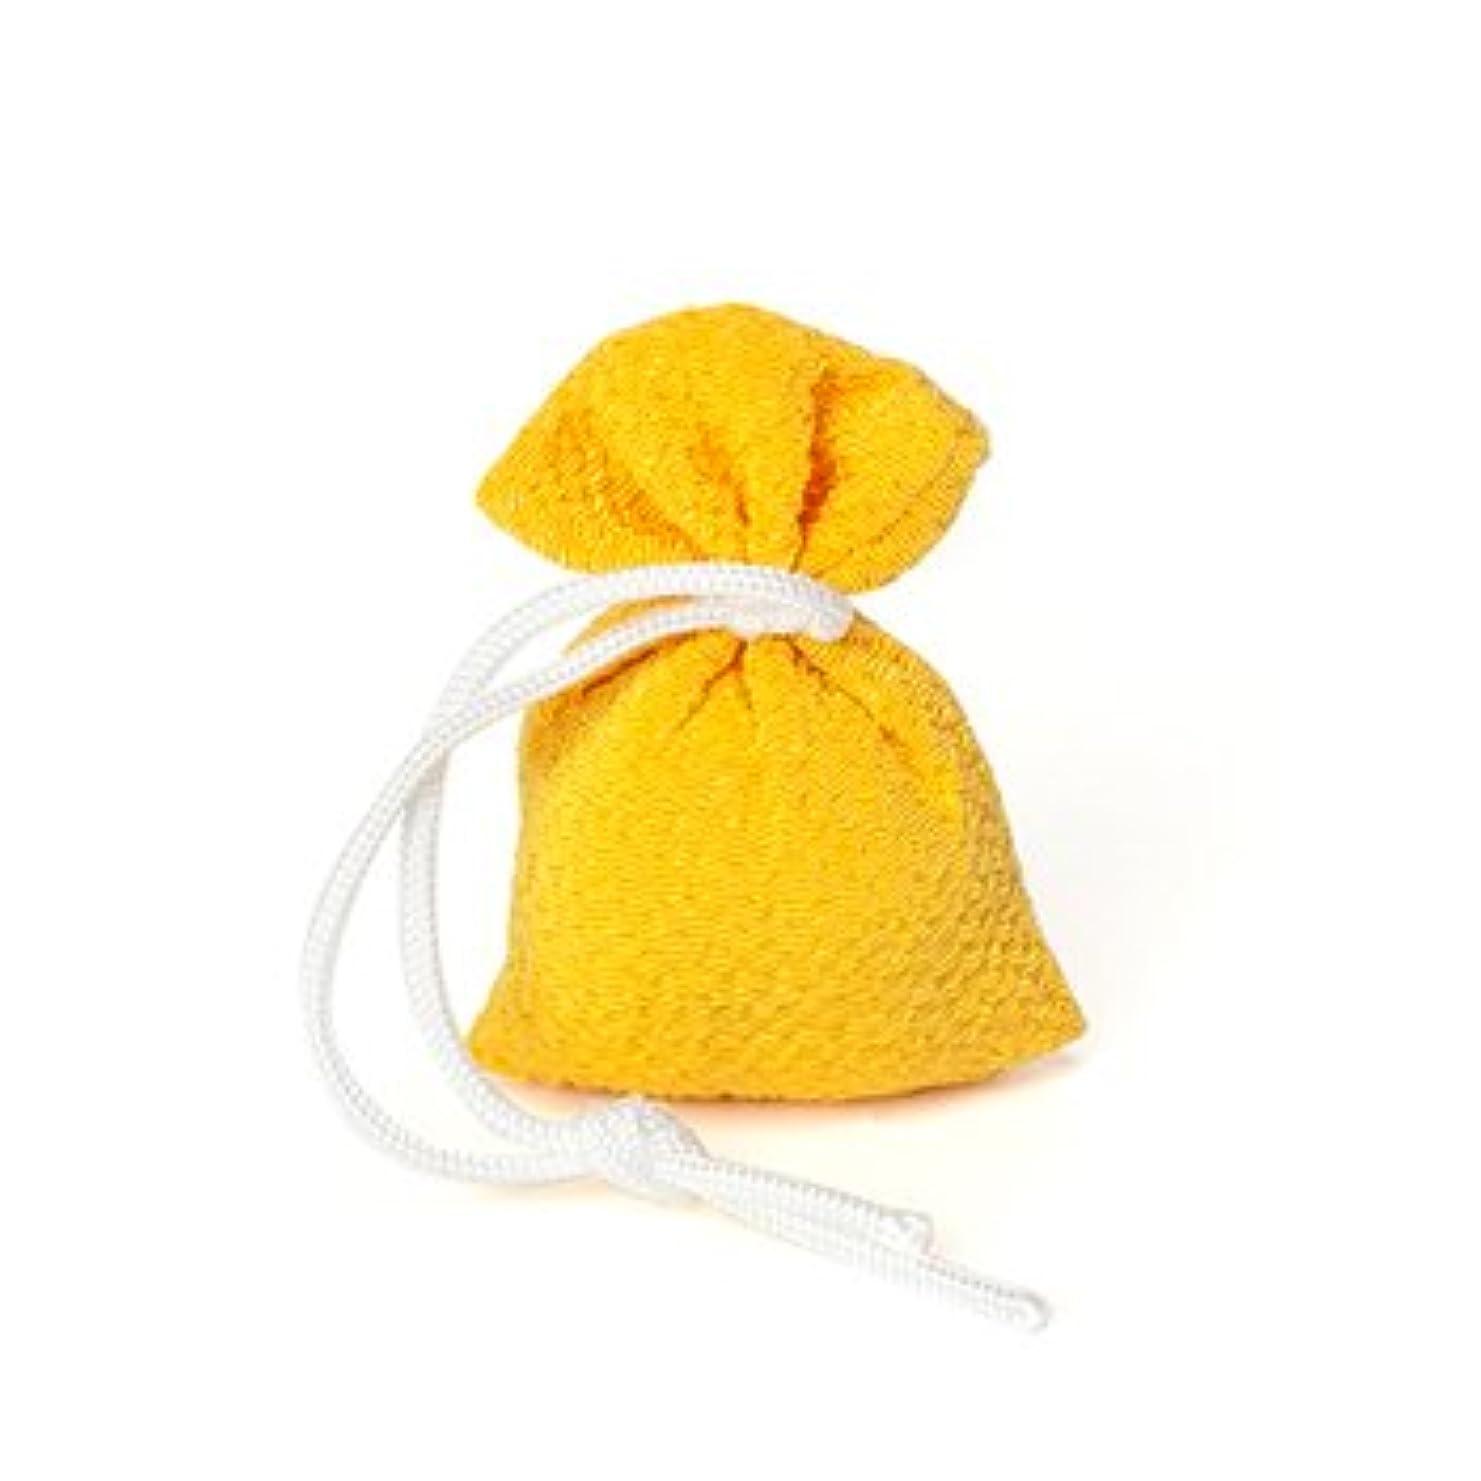 ブラウザアイデア乱用松栄堂 匂い袋 誰が袖 携帯用 1個入 ケースなし (色をお選びください) (黄)